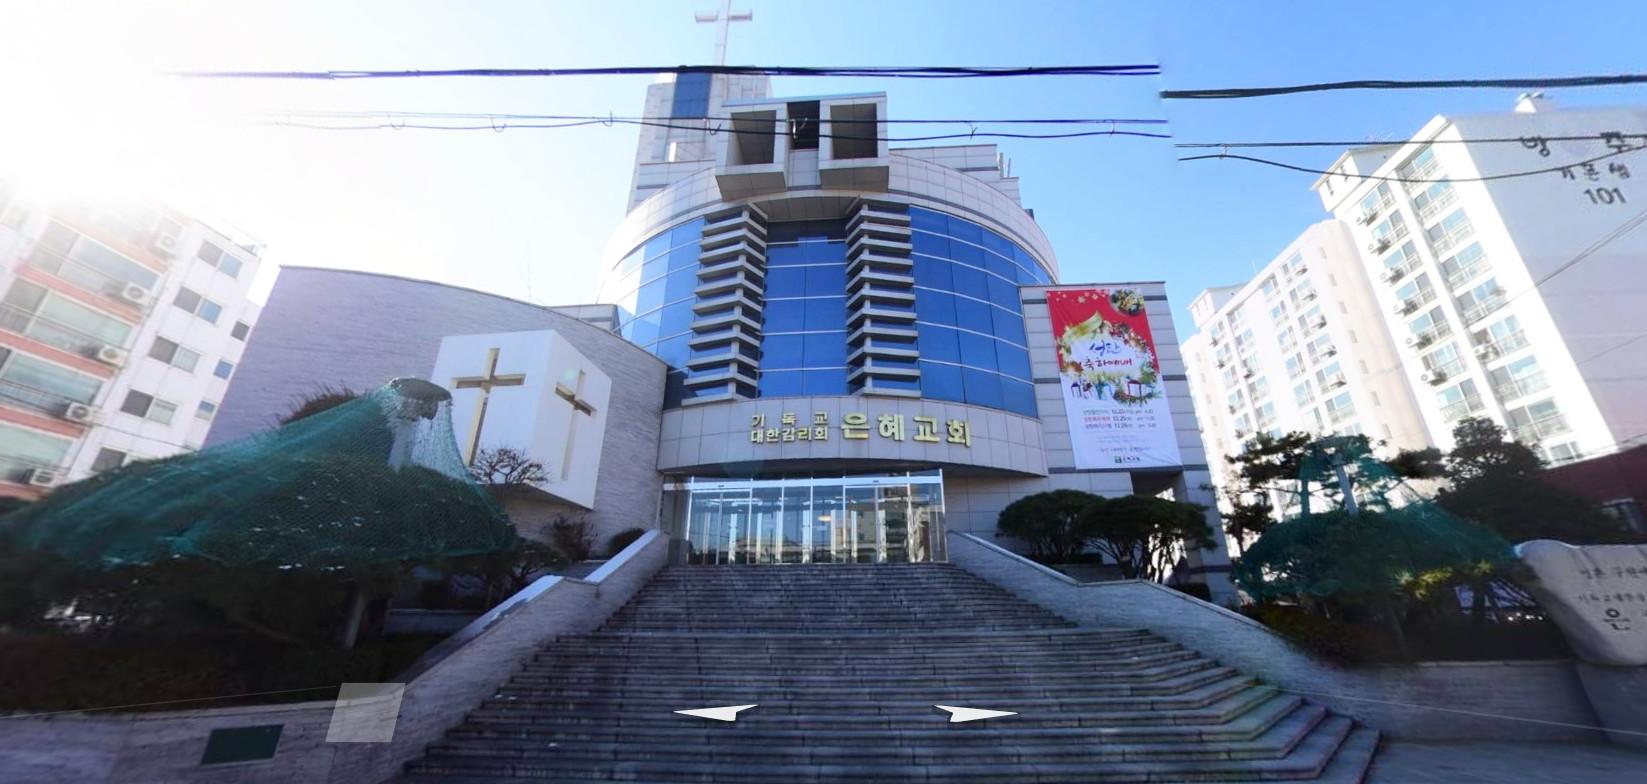 ▲▼南韓首爾恩惠監理教會「聖經研究班」爆發群聚感染。(圖/翻攝自Naver街景)